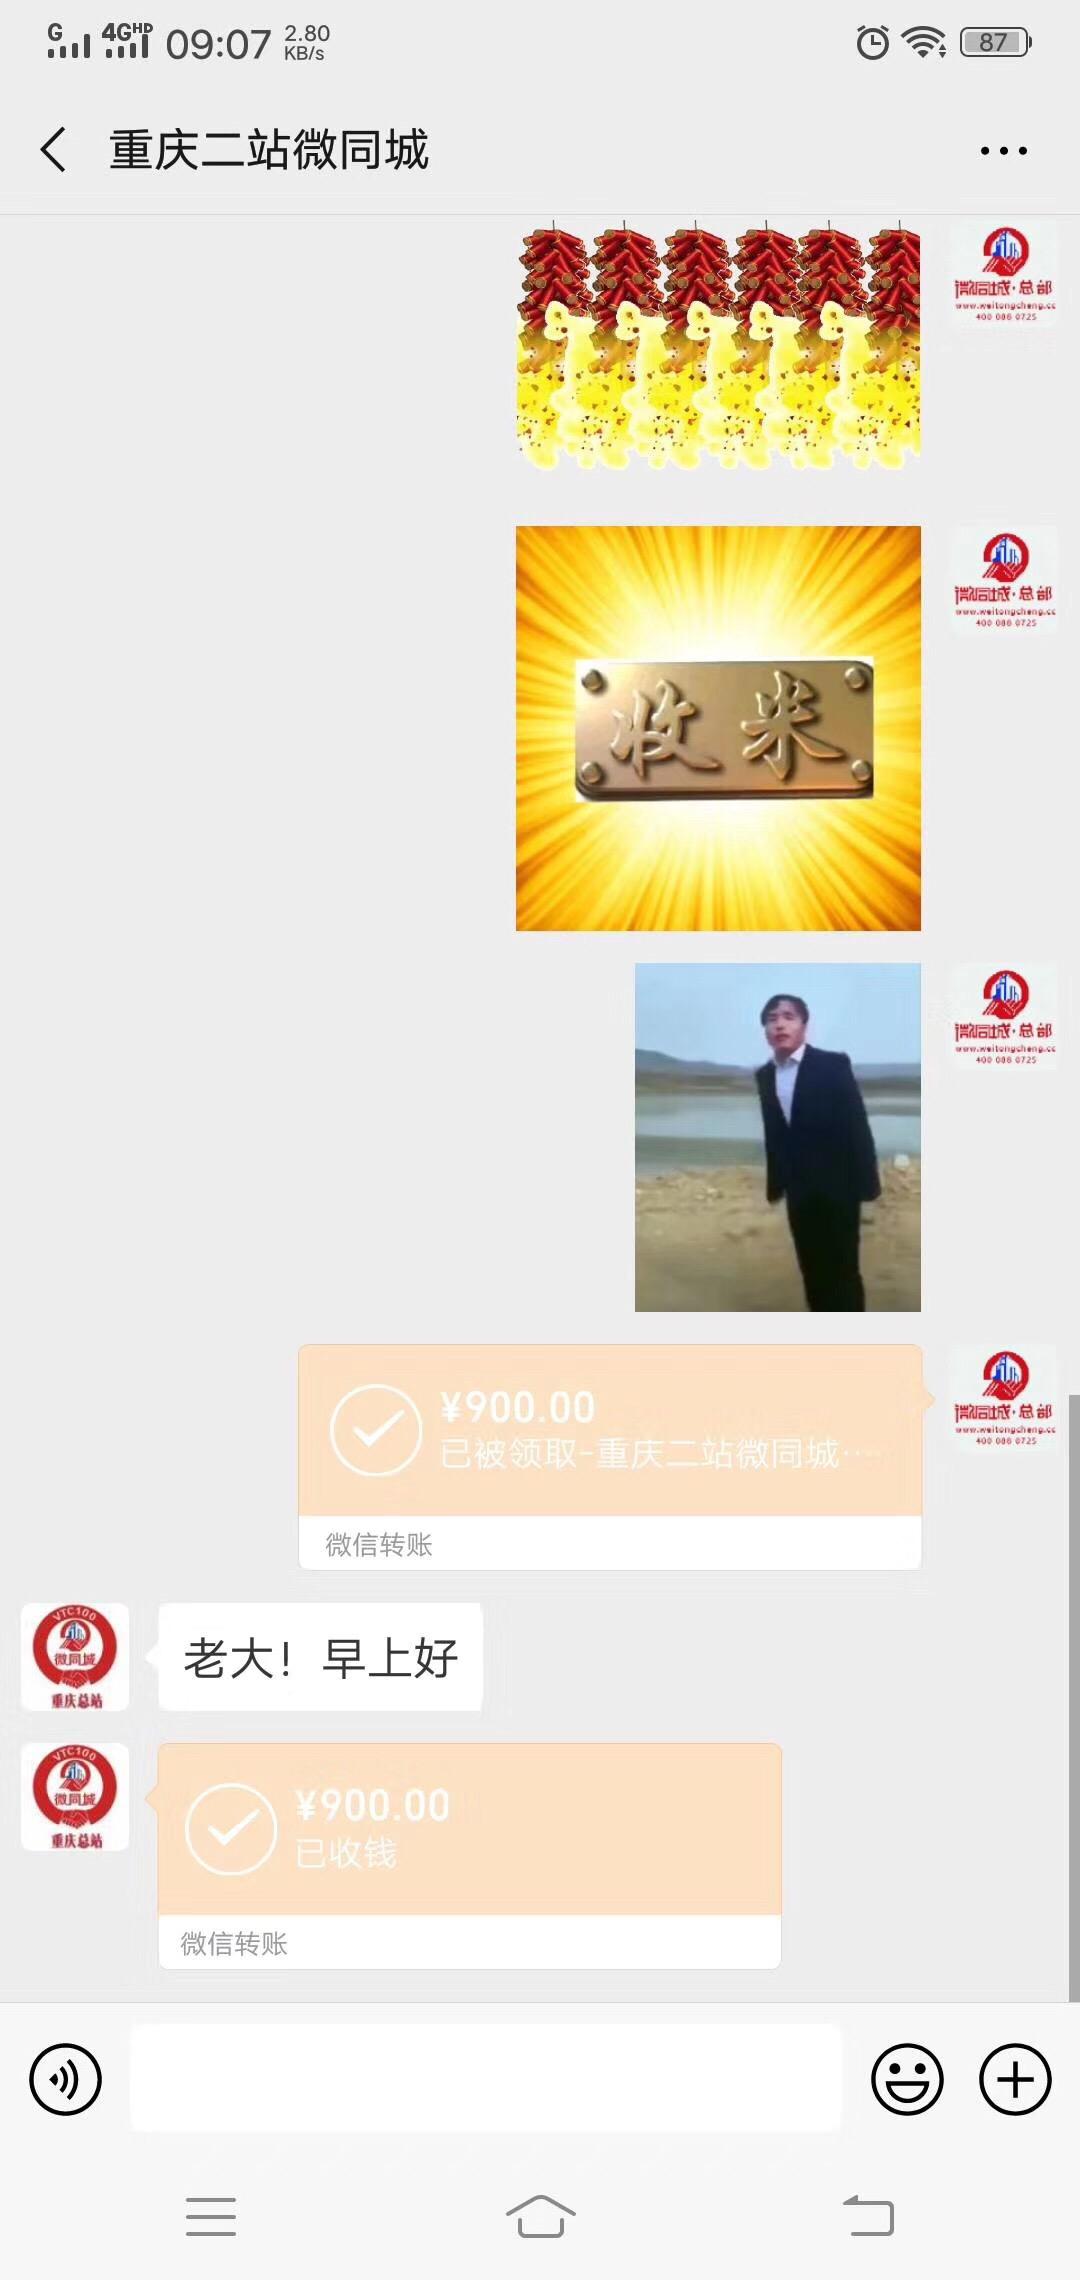 【赚900元】重庆微全城微帮二站广告佣金